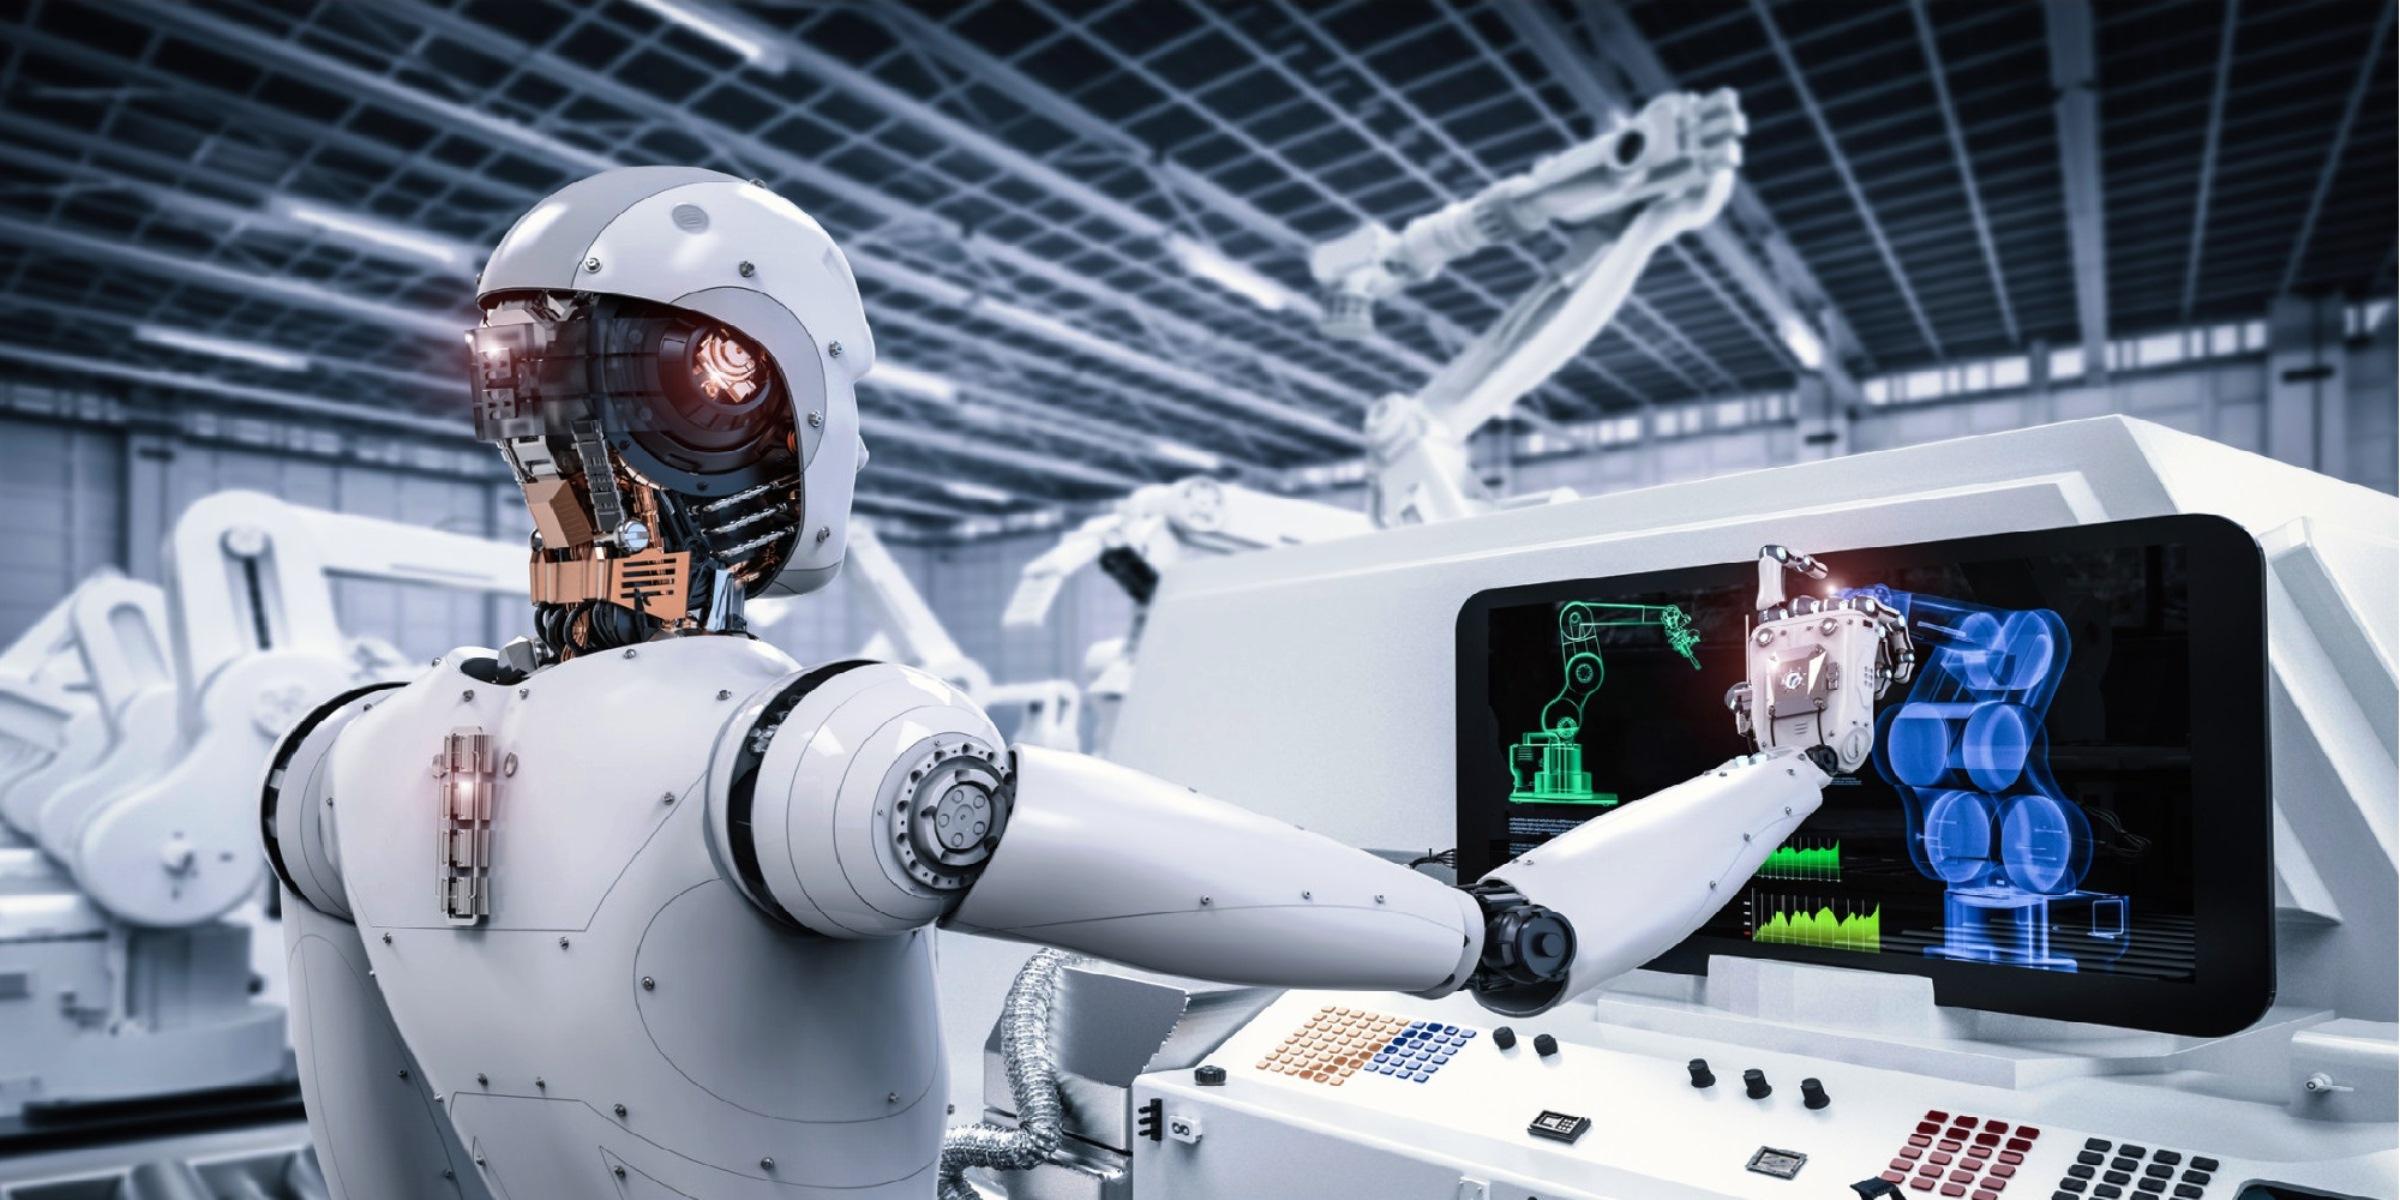 Роботизация производства – тема нашего материала сегодня, в рамках которого мы вместе с отраслевыми экспертами поговорим об особенностях данного процесса, его необходимости и эффективности